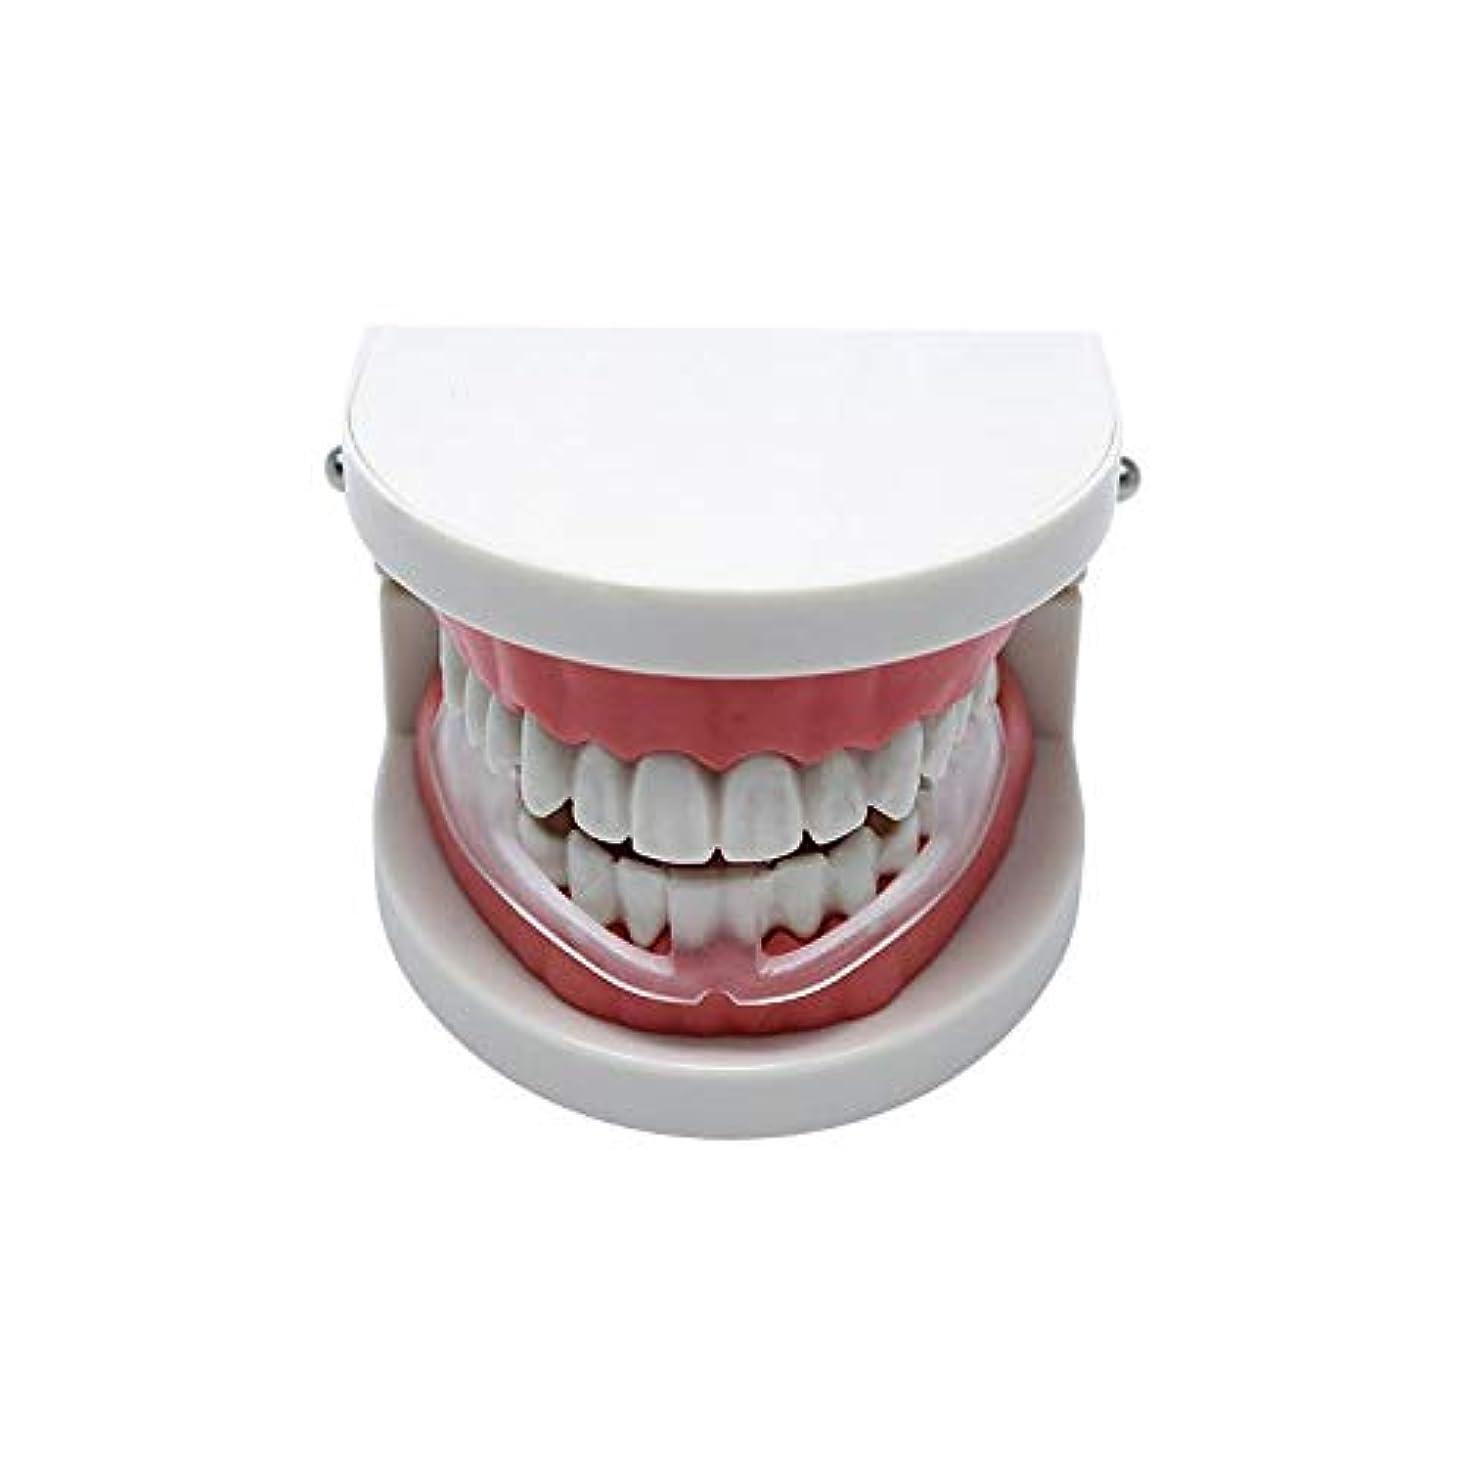 ビルマ受信交響曲NOTE マウスガードストップ歯研ぎ止めいびき歯ぎしり睡眠補助具いびきをかく